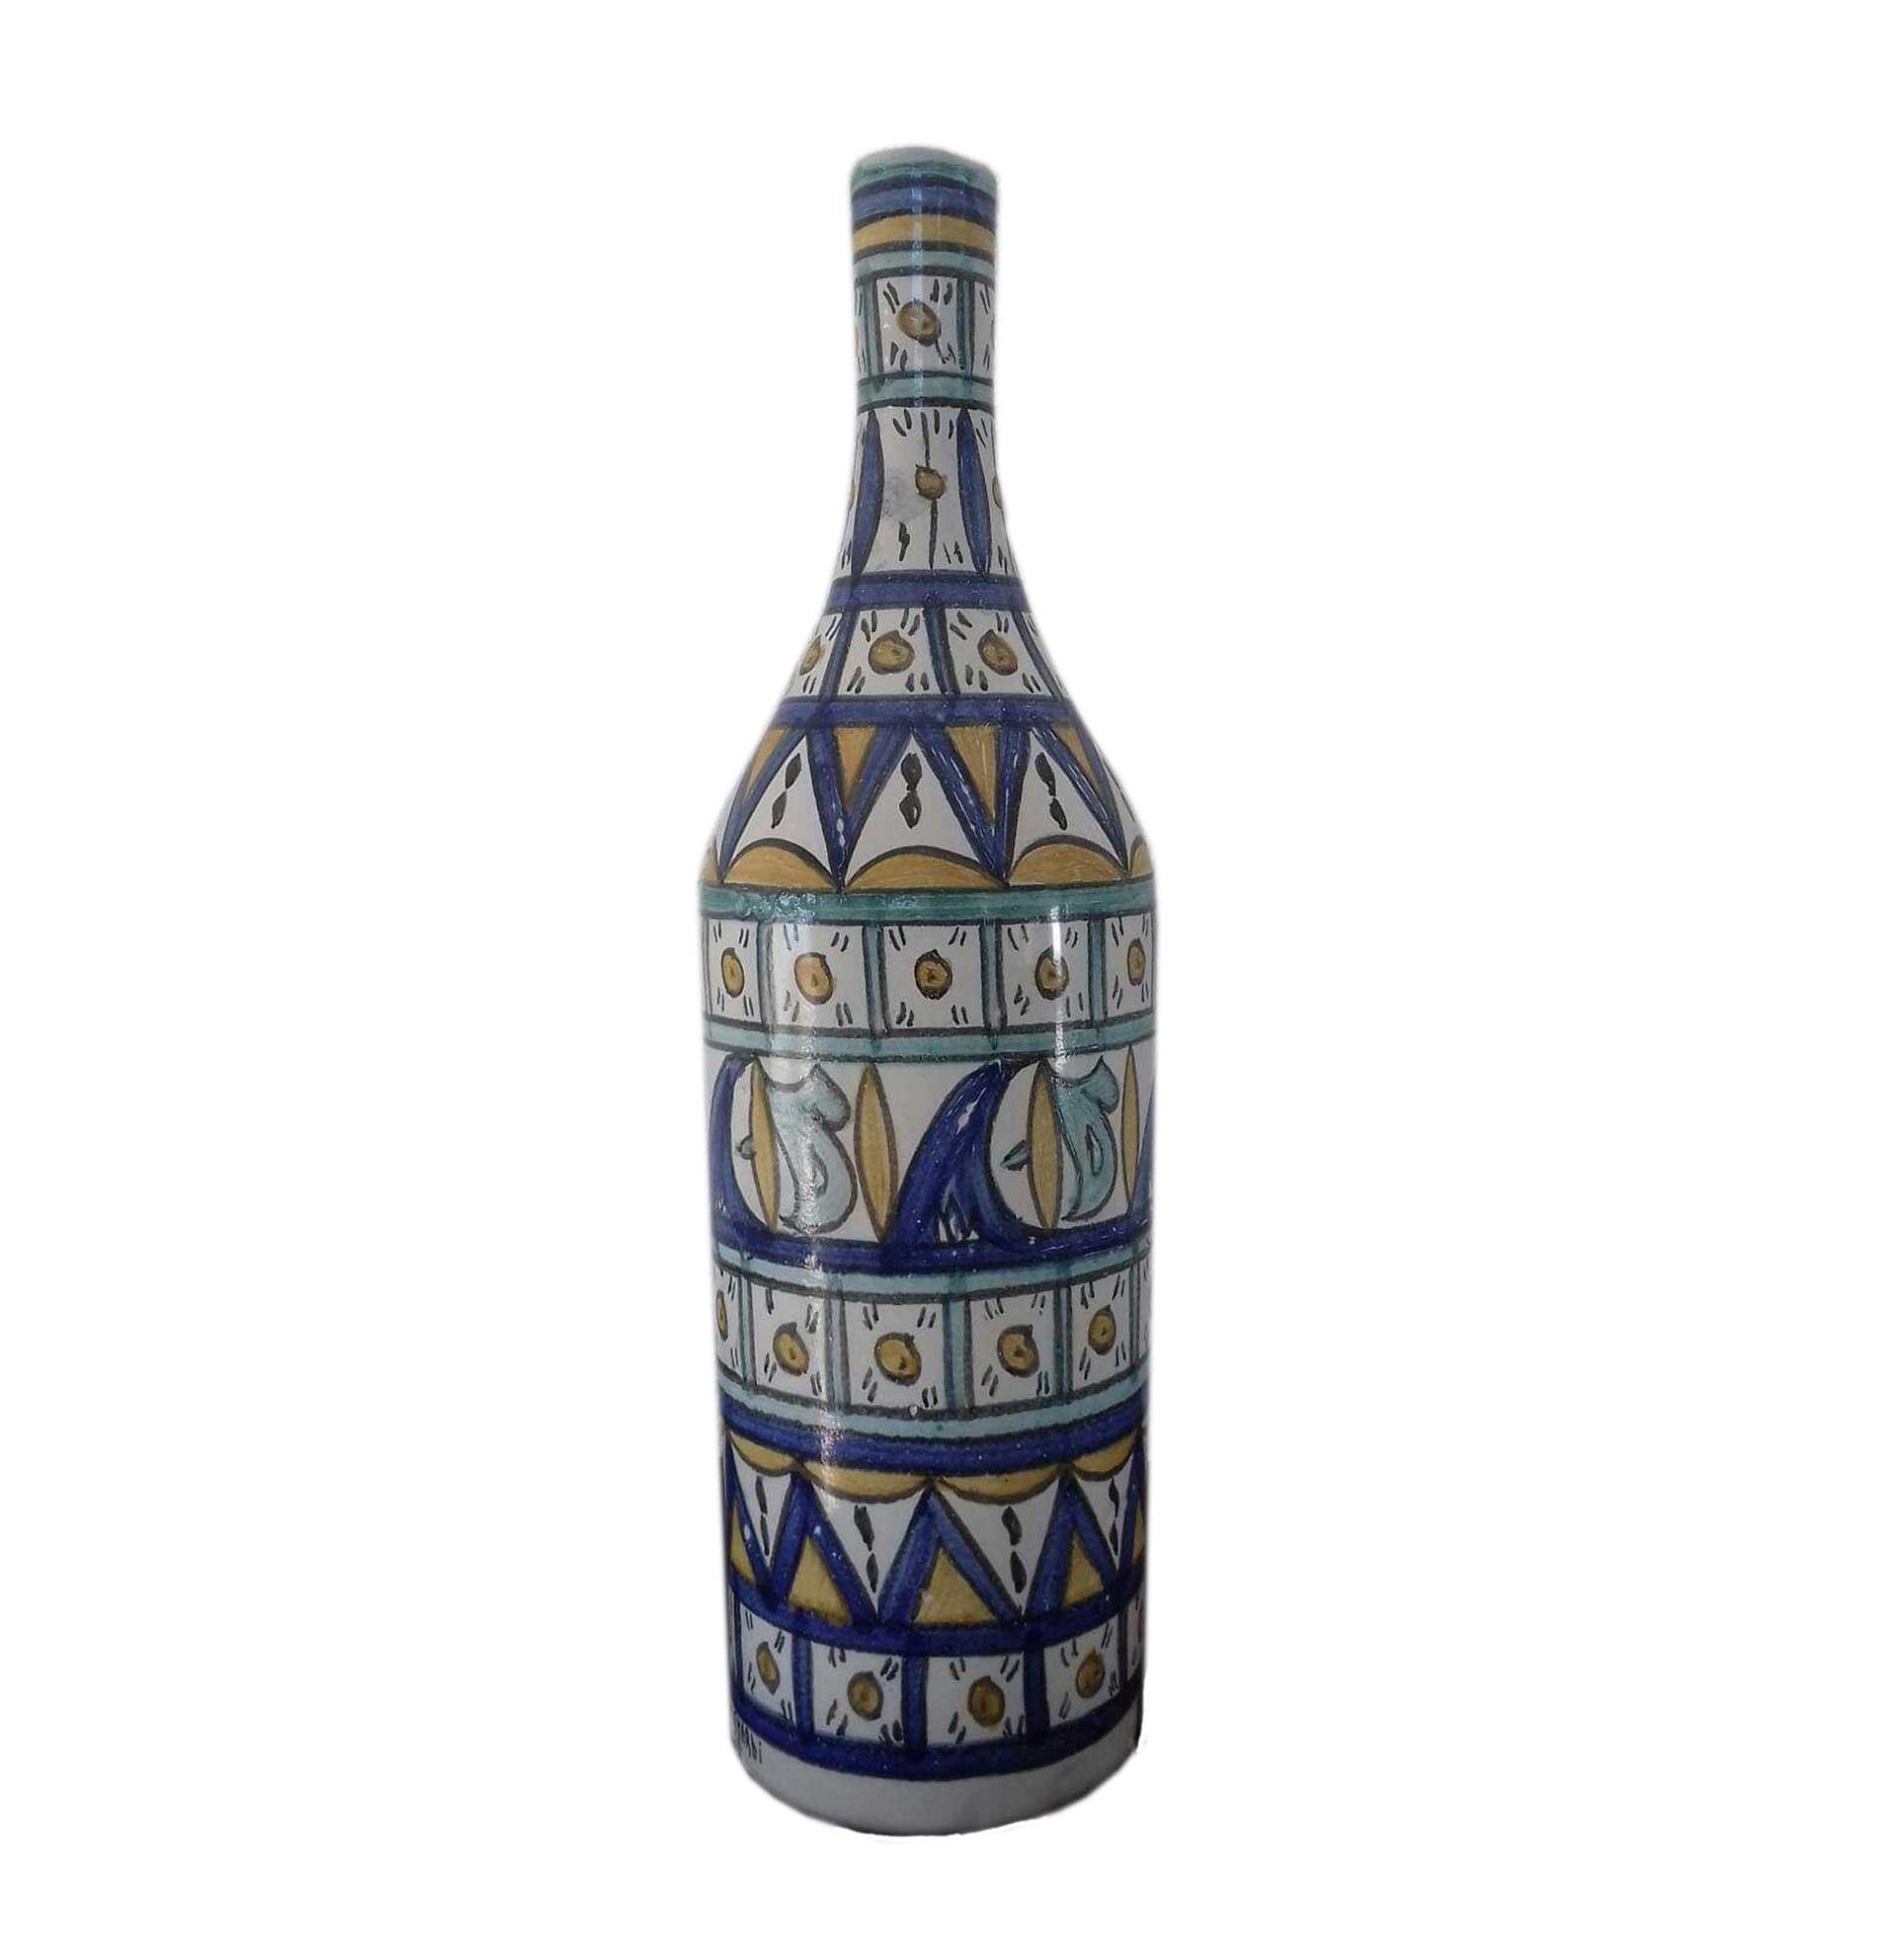 Poterie-Silm_Gharbi_bouteille1-d®coratif-50cm